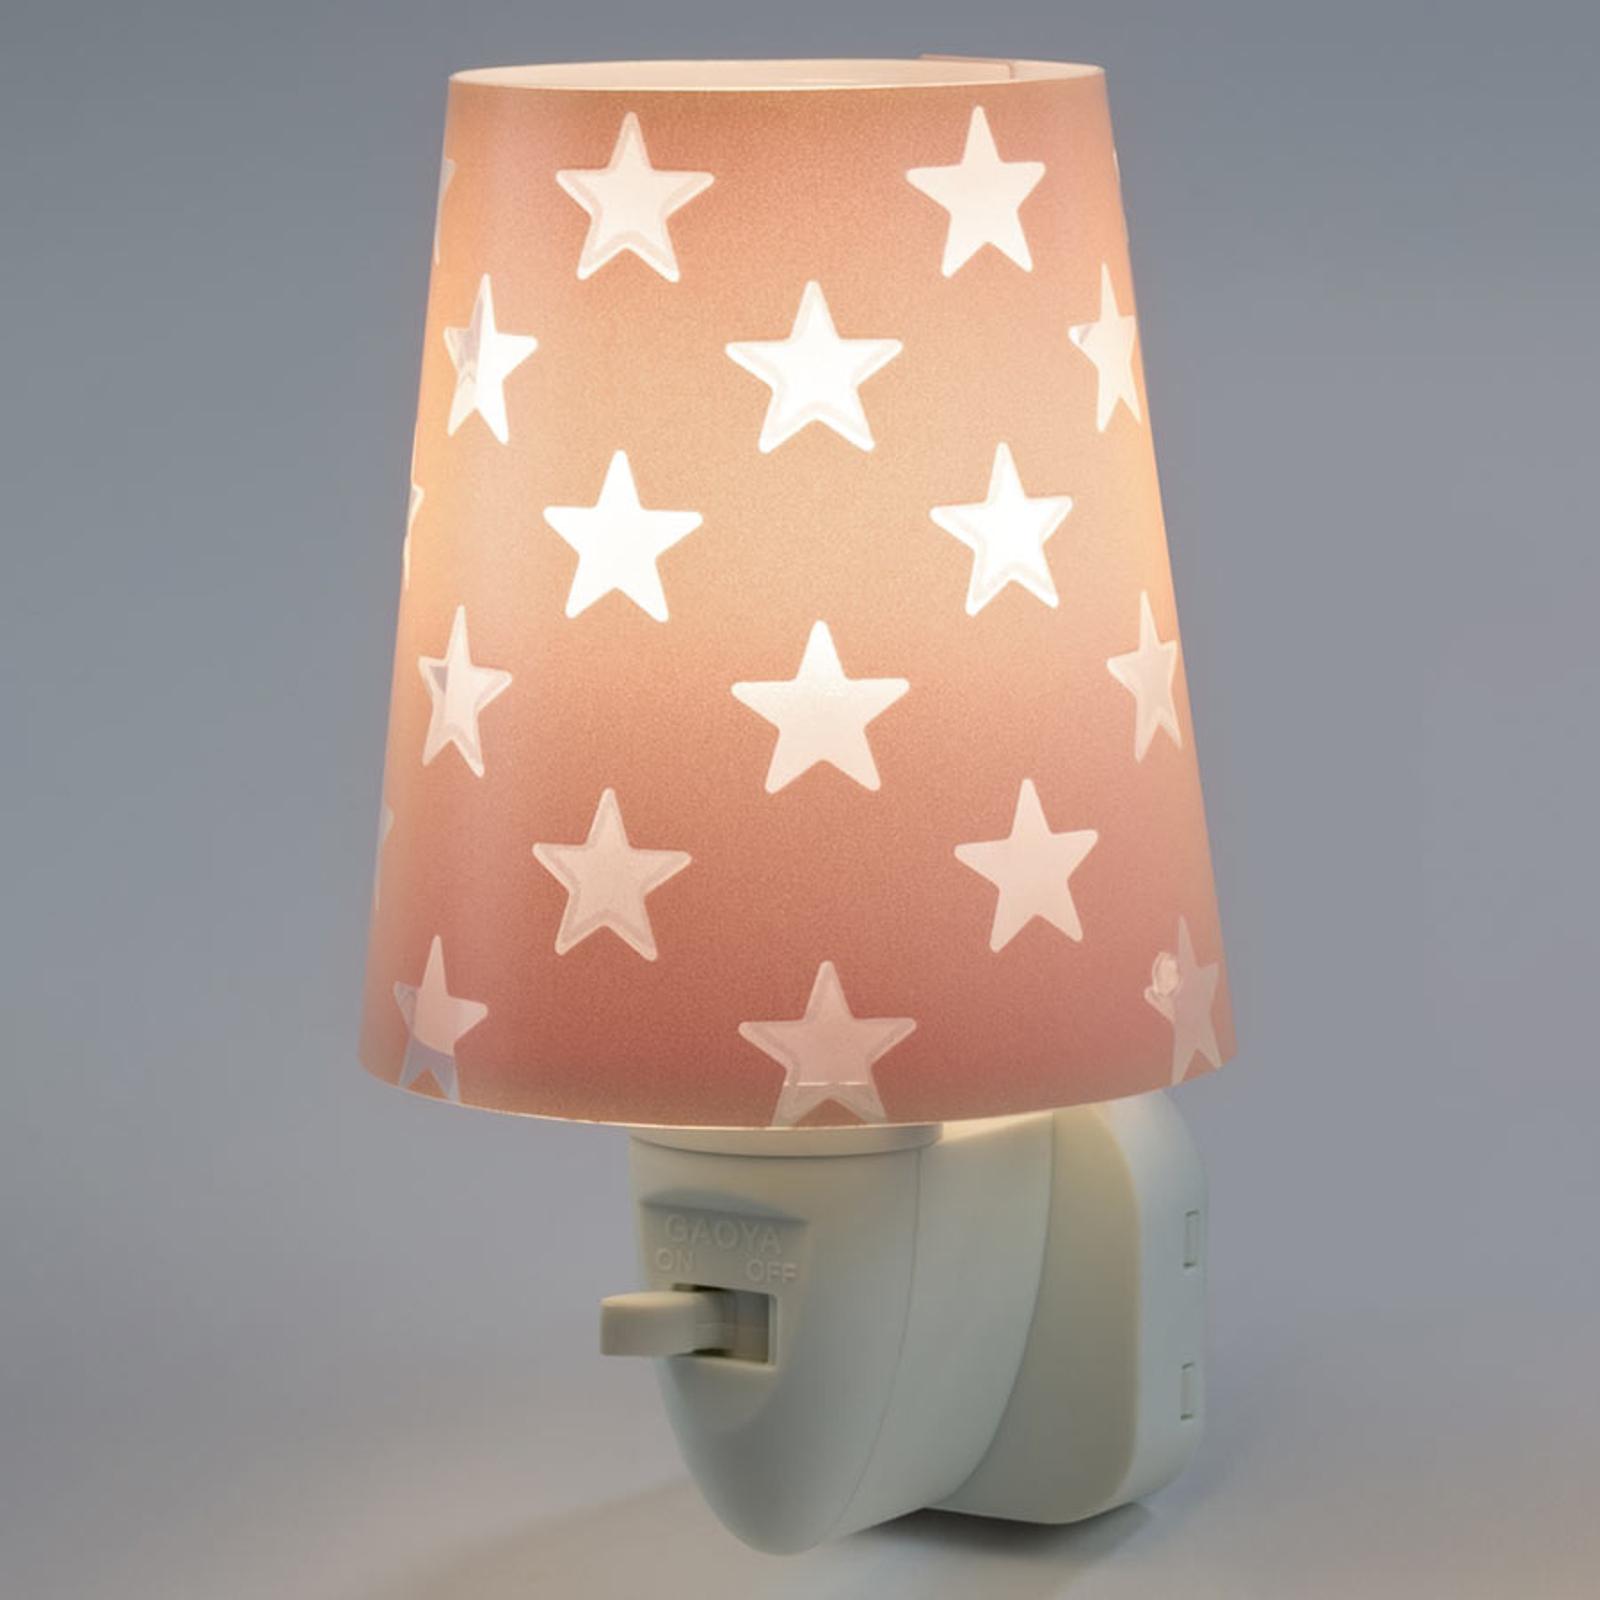 Stars - lampka nocna LED pomarańczowa, przełącznik